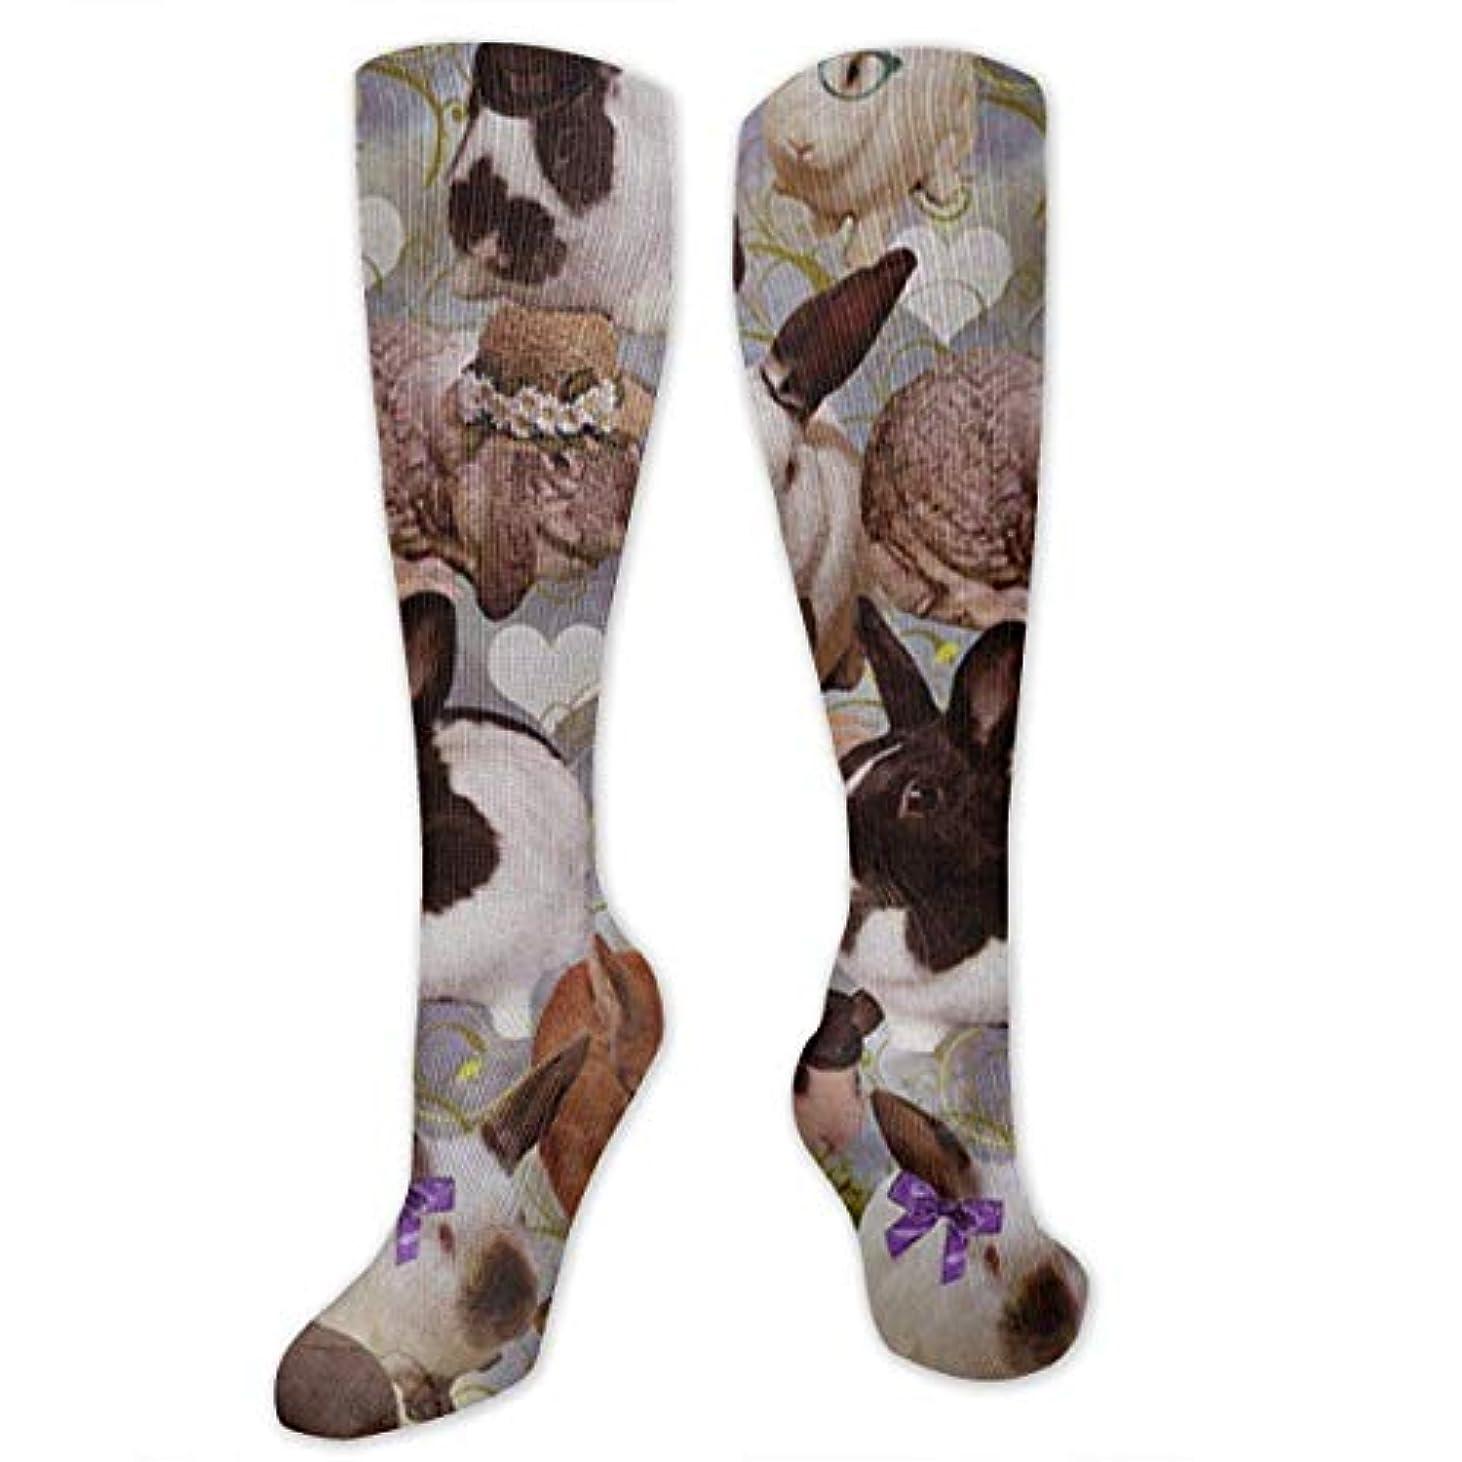 クラッチ申請中強制靴下,ストッキング,野生のジョーカー,実際,秋の本質,冬必須,サマーウェア&RBXAA Happy Bunnies Socks Women's Winter Cotton Long Tube Socks Cotton Solid...